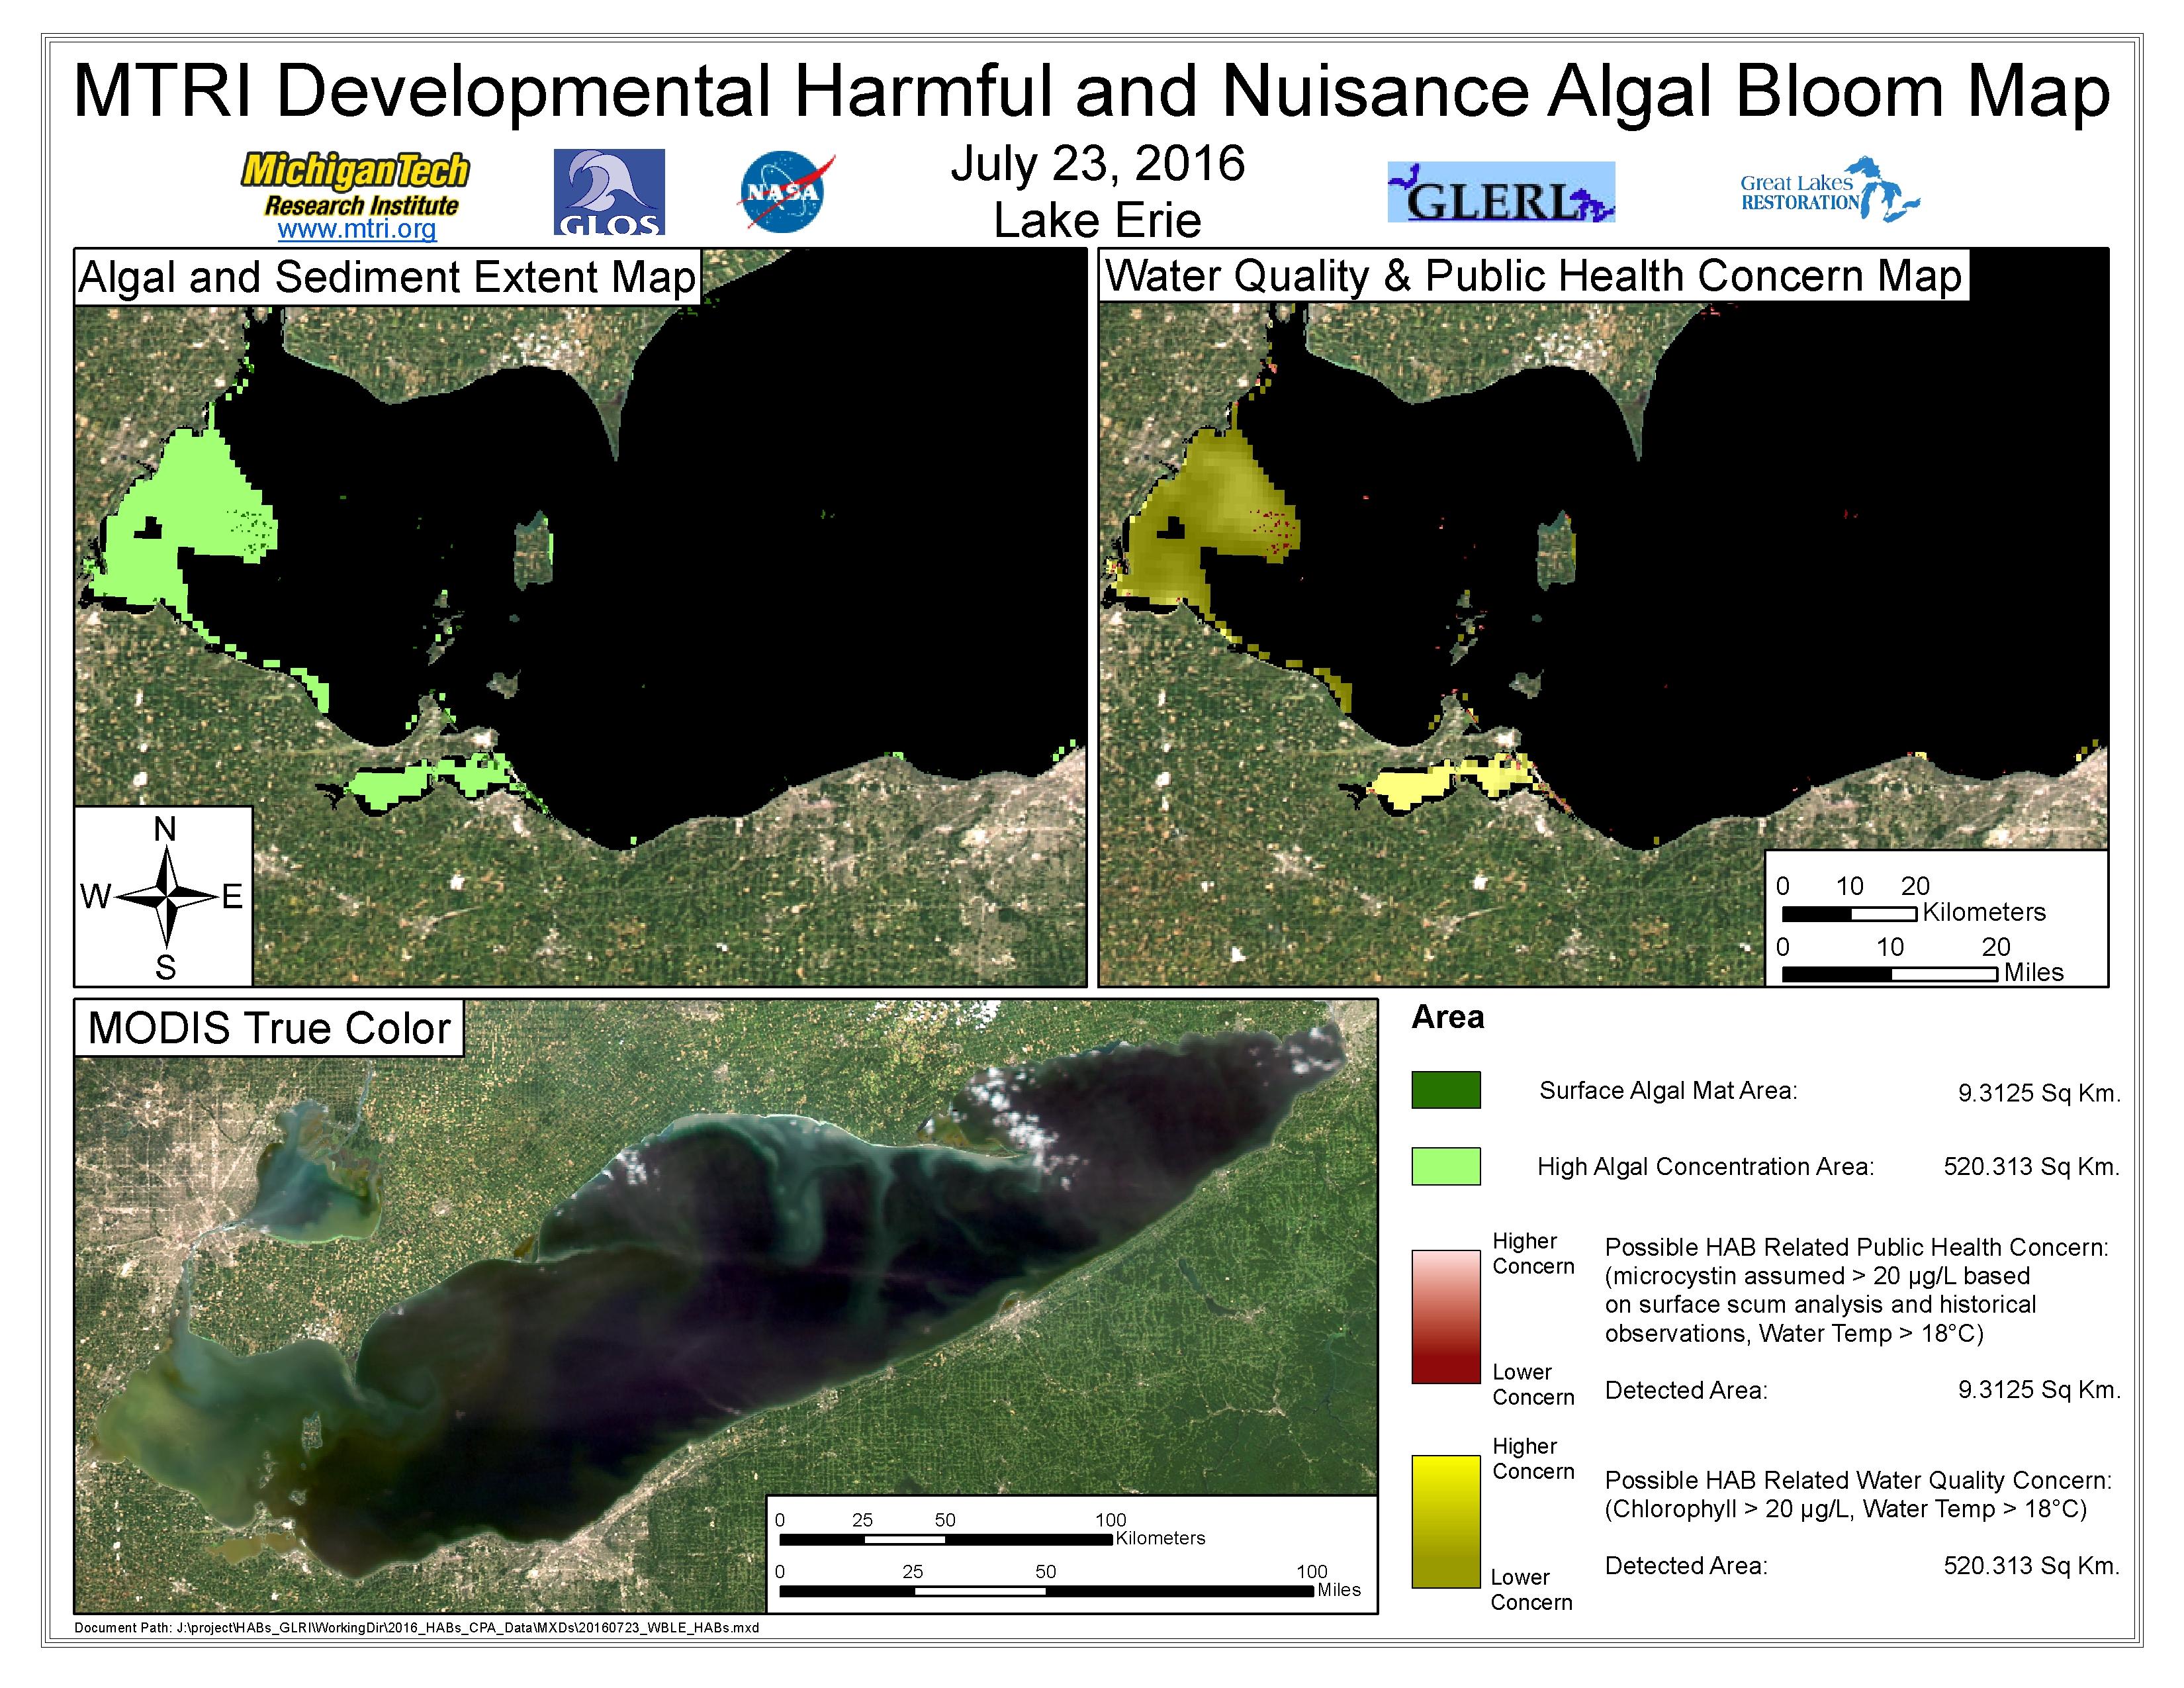 MODIS Aqua retrieval July 23, 2016